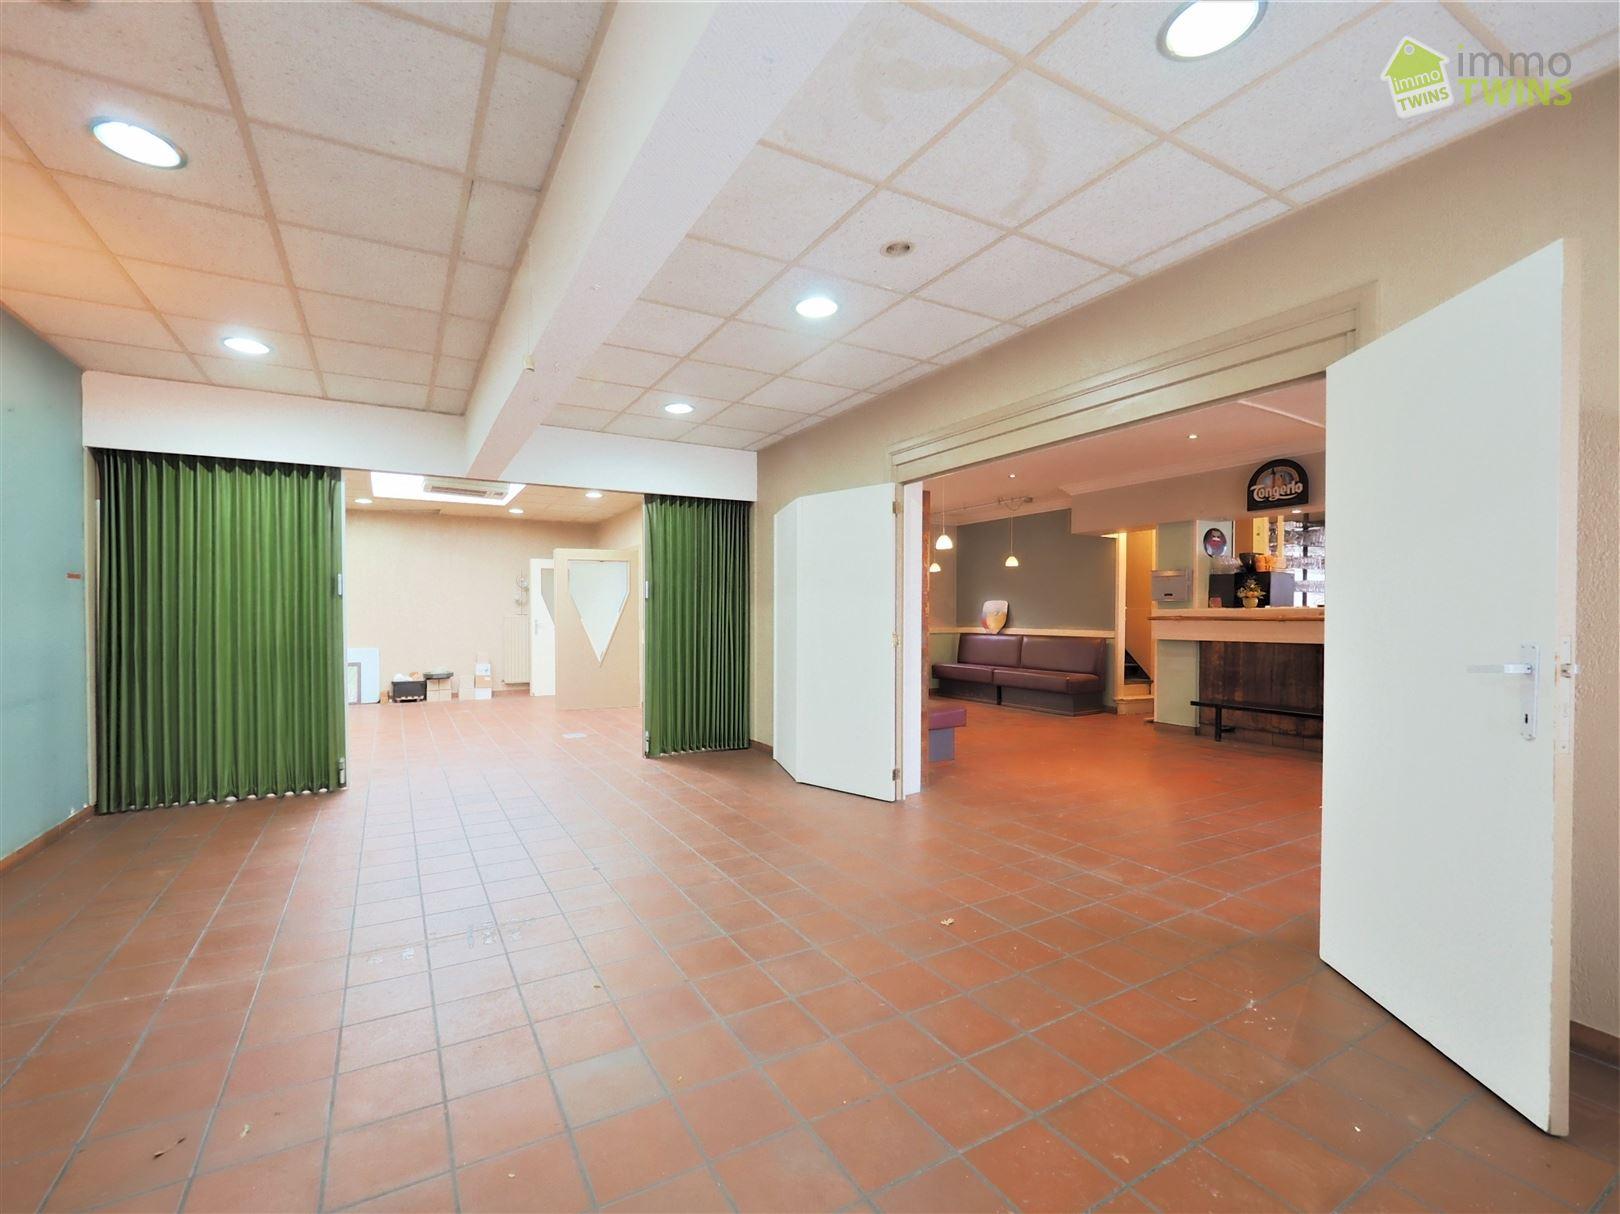 Foto 7 : Huis te 9200 SINT-GILLIS-BIJ-DENDERMONDE (België) - Prijs € 235.000